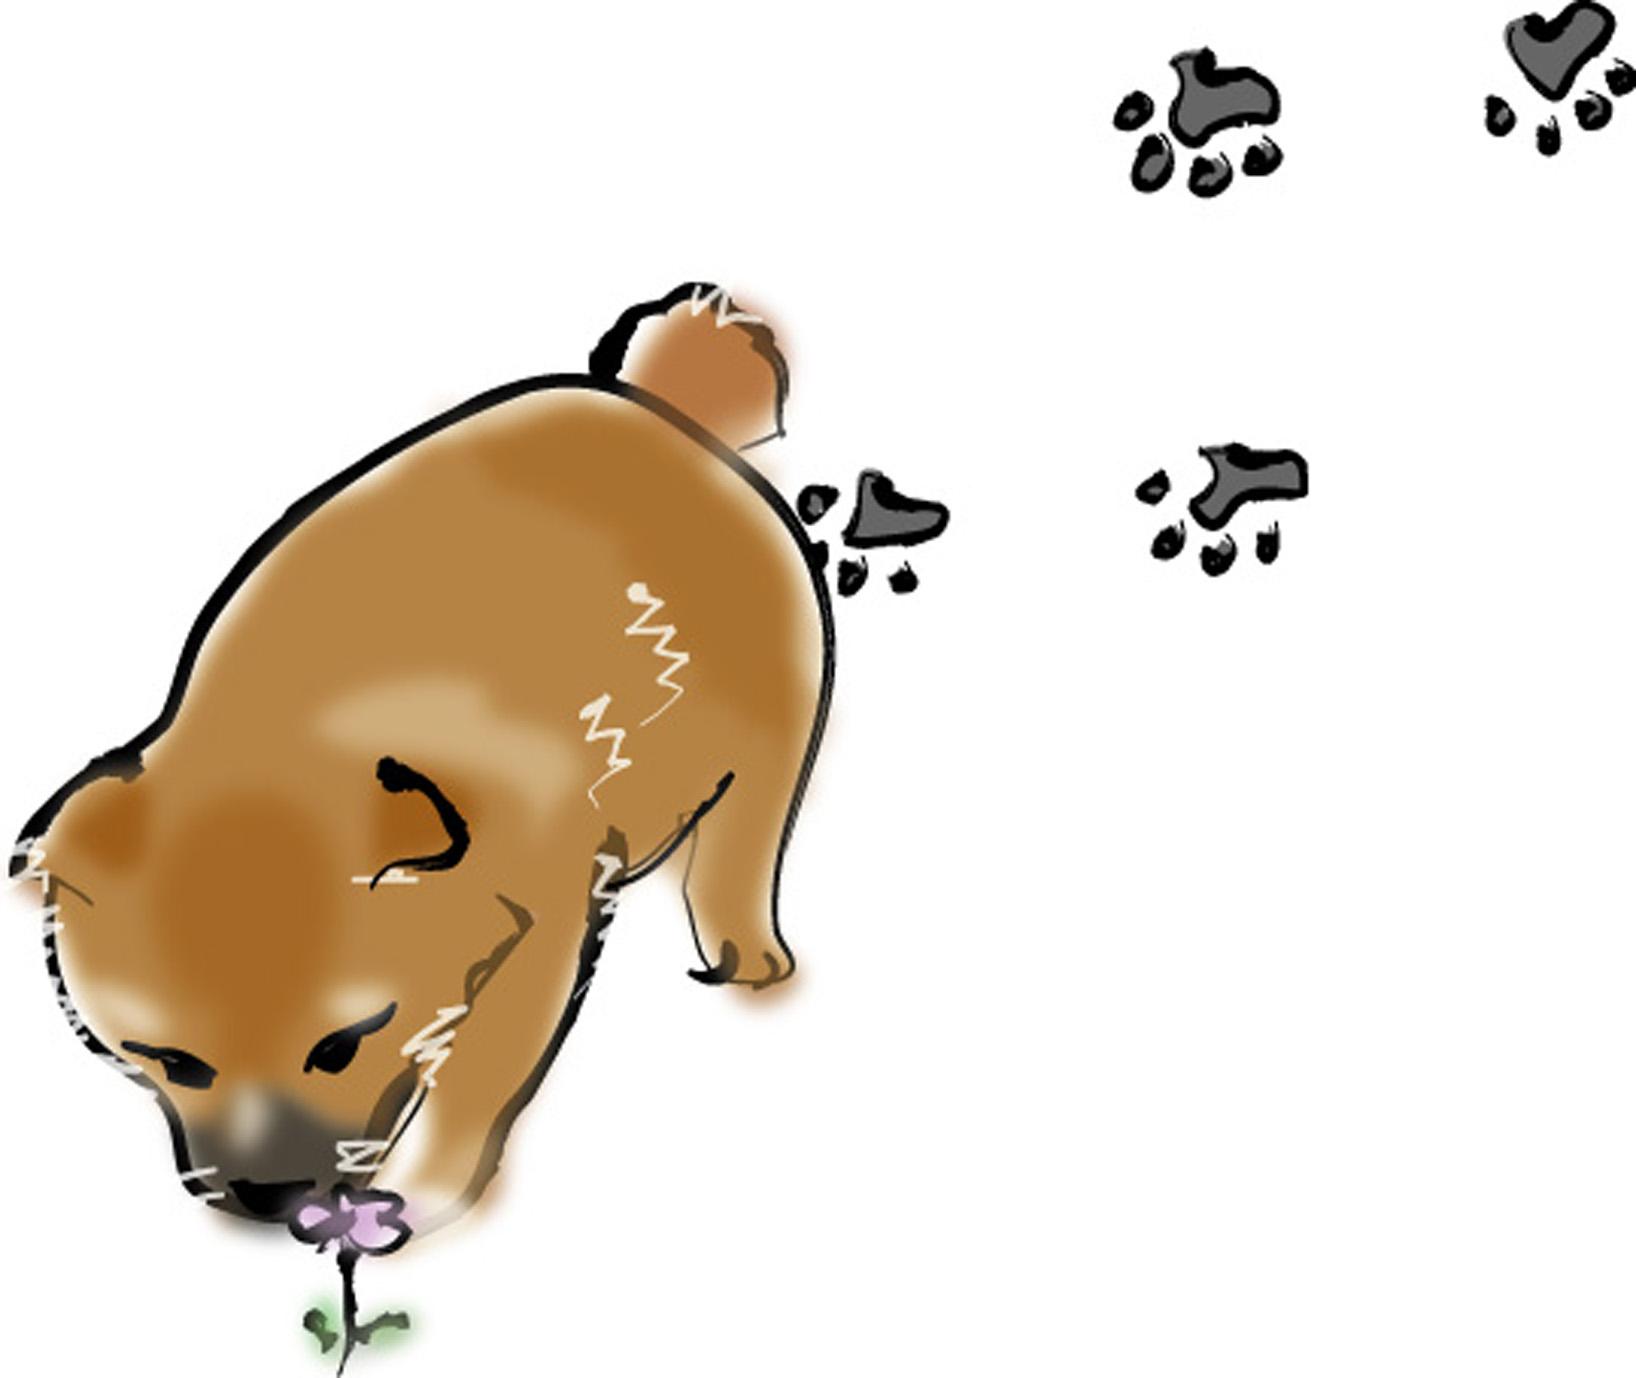 画像 : 【犬好き必見!】色んな種類のかわいい犬のイラスト画像特集